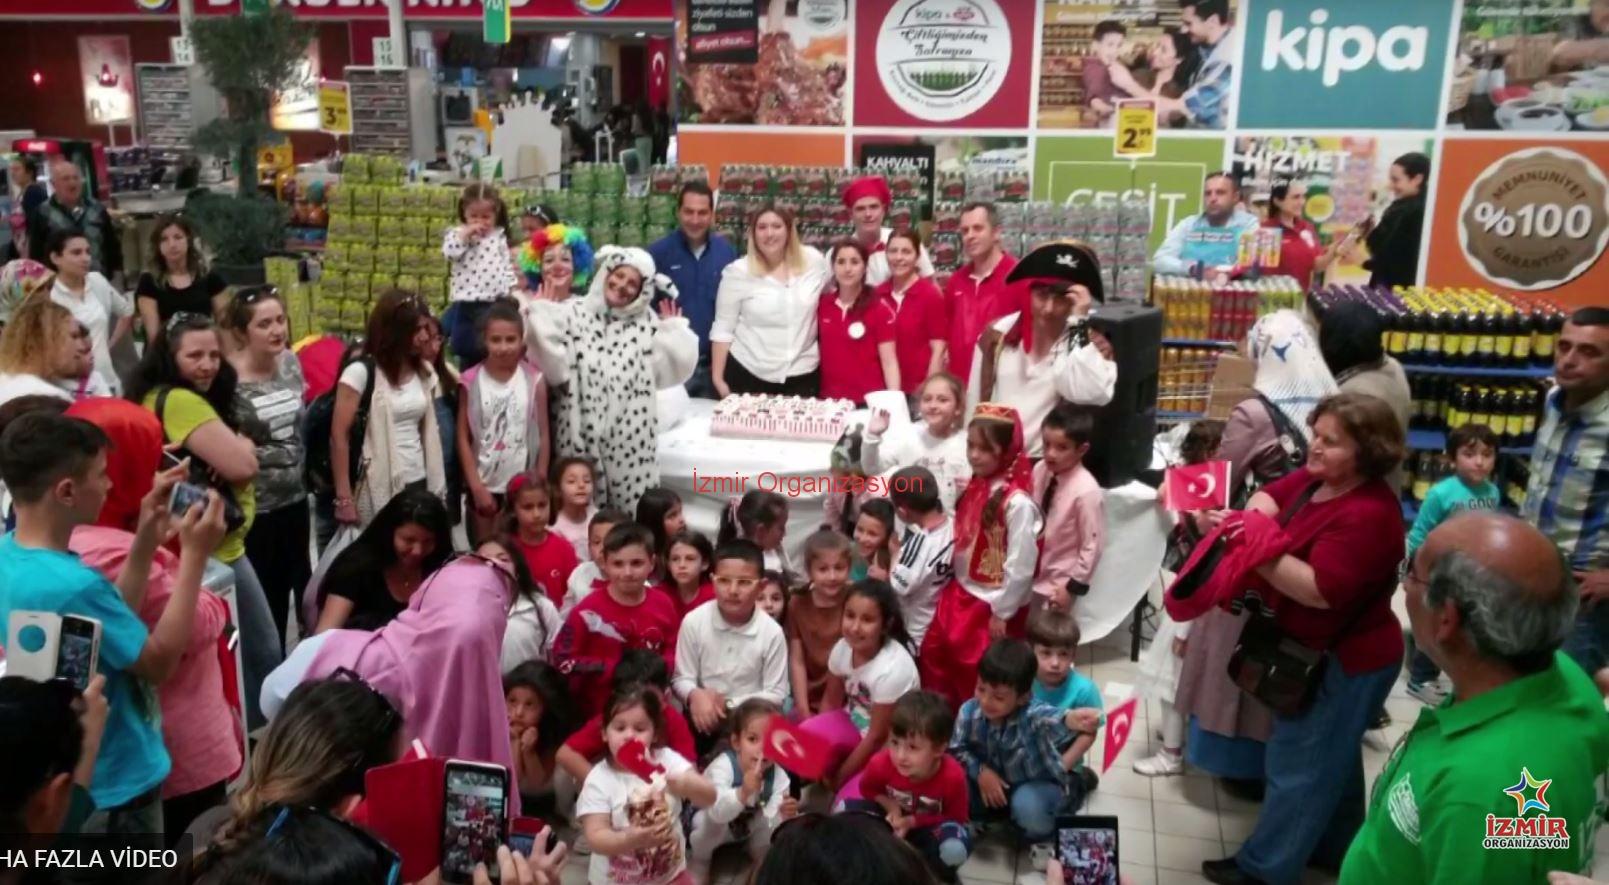 Kipa 23 Nisan şenlikleri Izmir Organizasyon